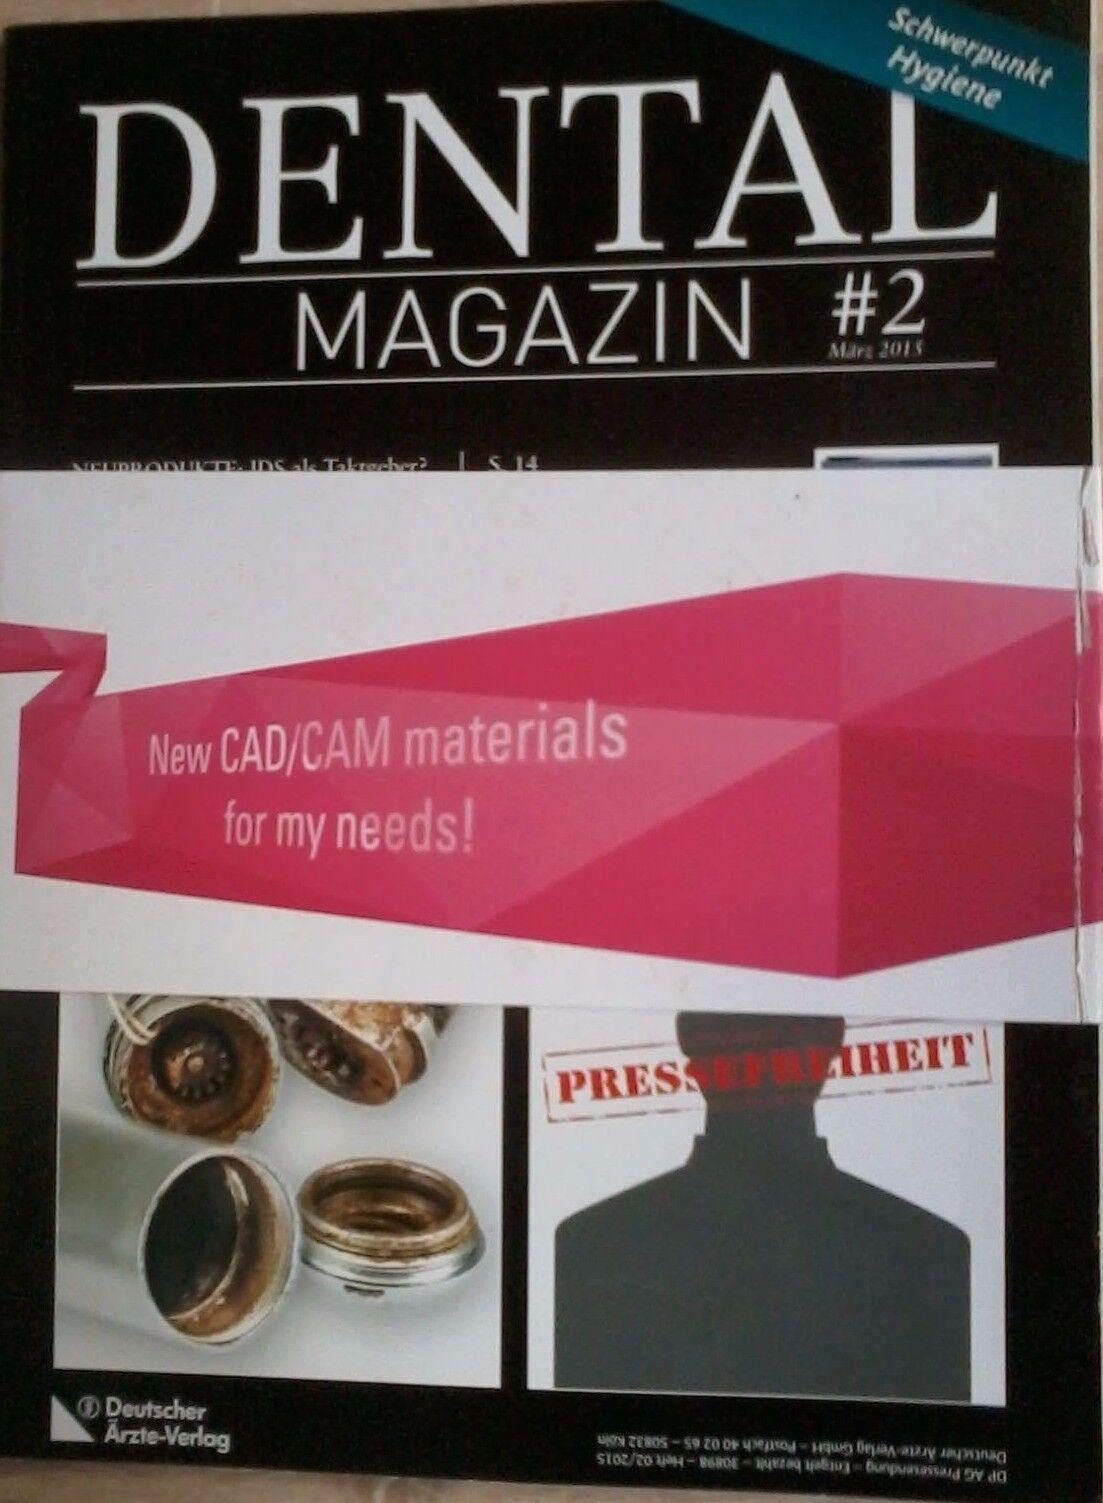 Dental Magazin #2 März 2015 Schwerpunkt Hygiene Endodontie:Stiftaufbau